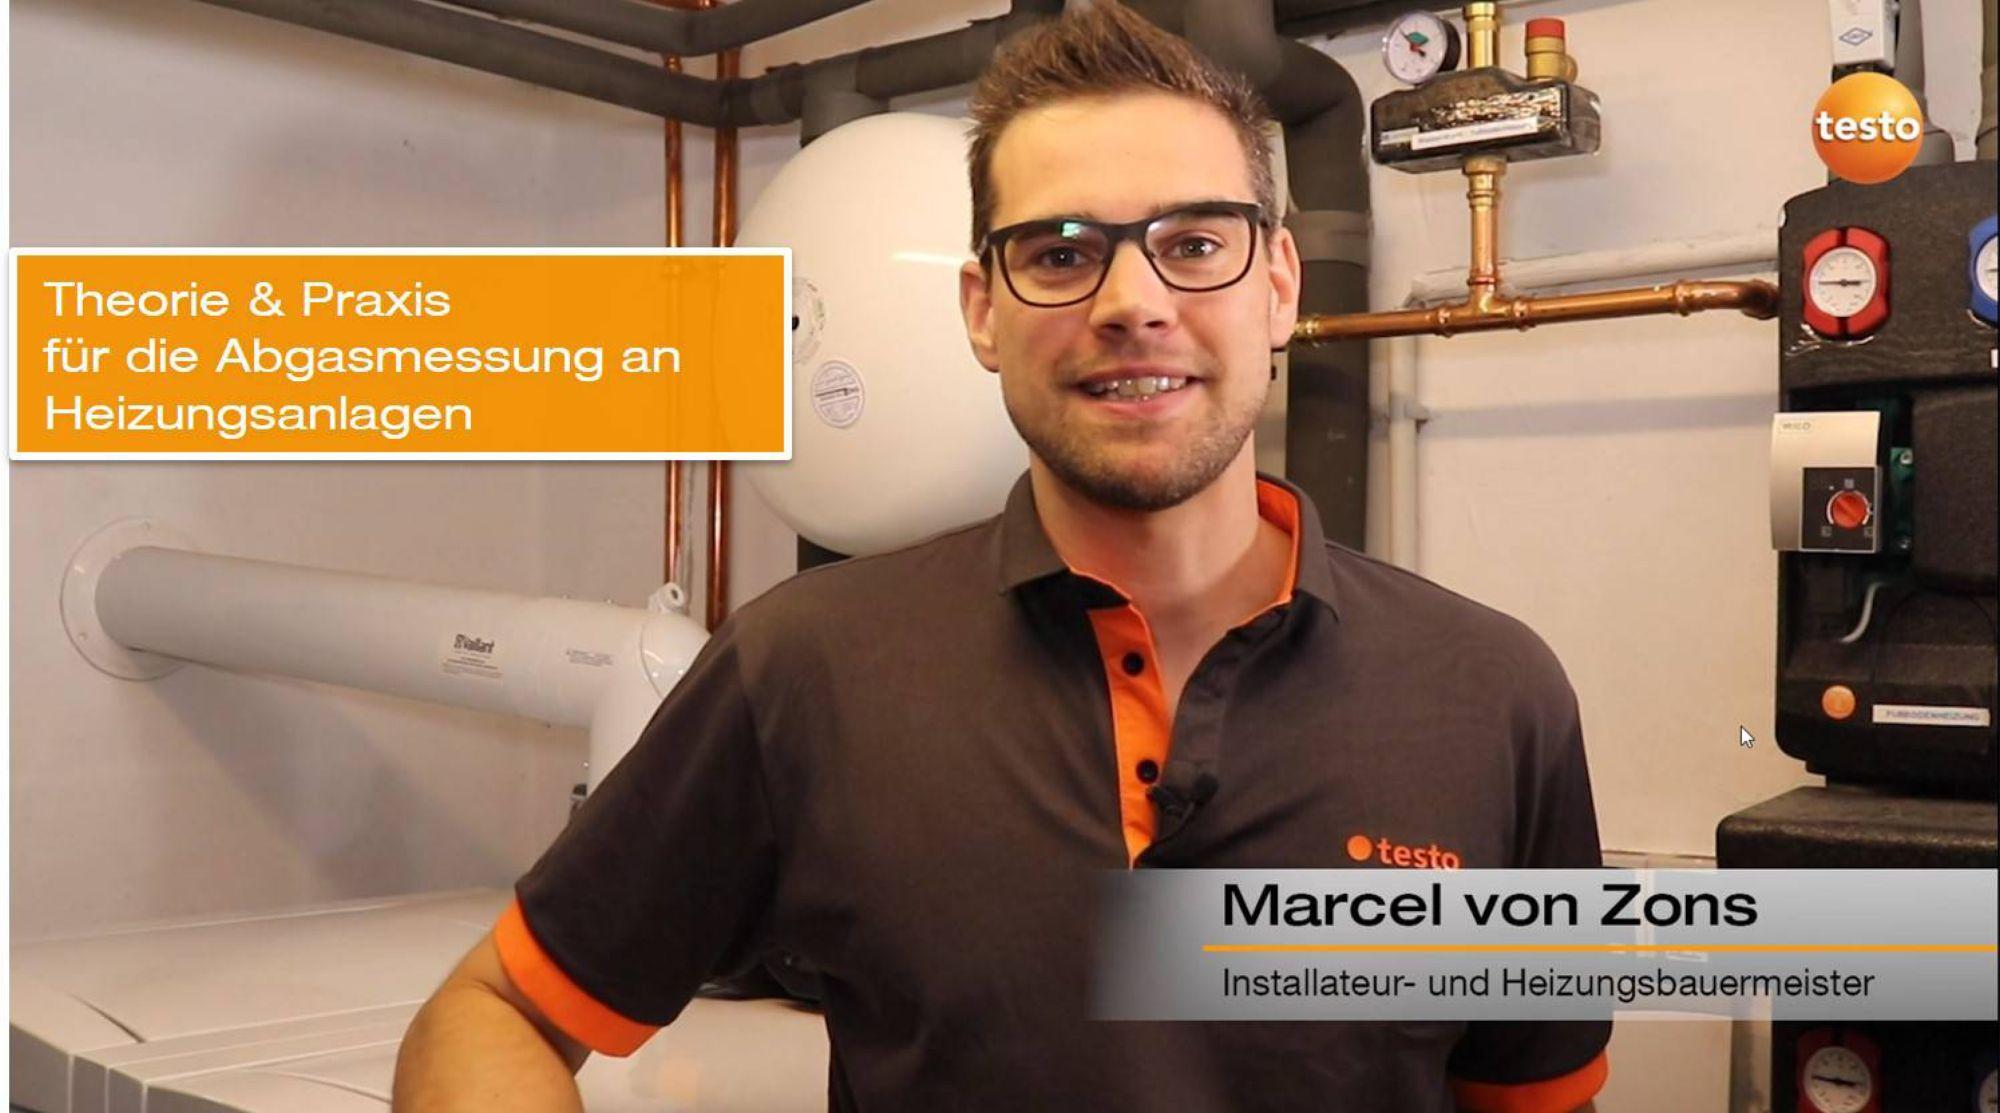 5-teiliges Lernvideopaket mit Marcel von Zons